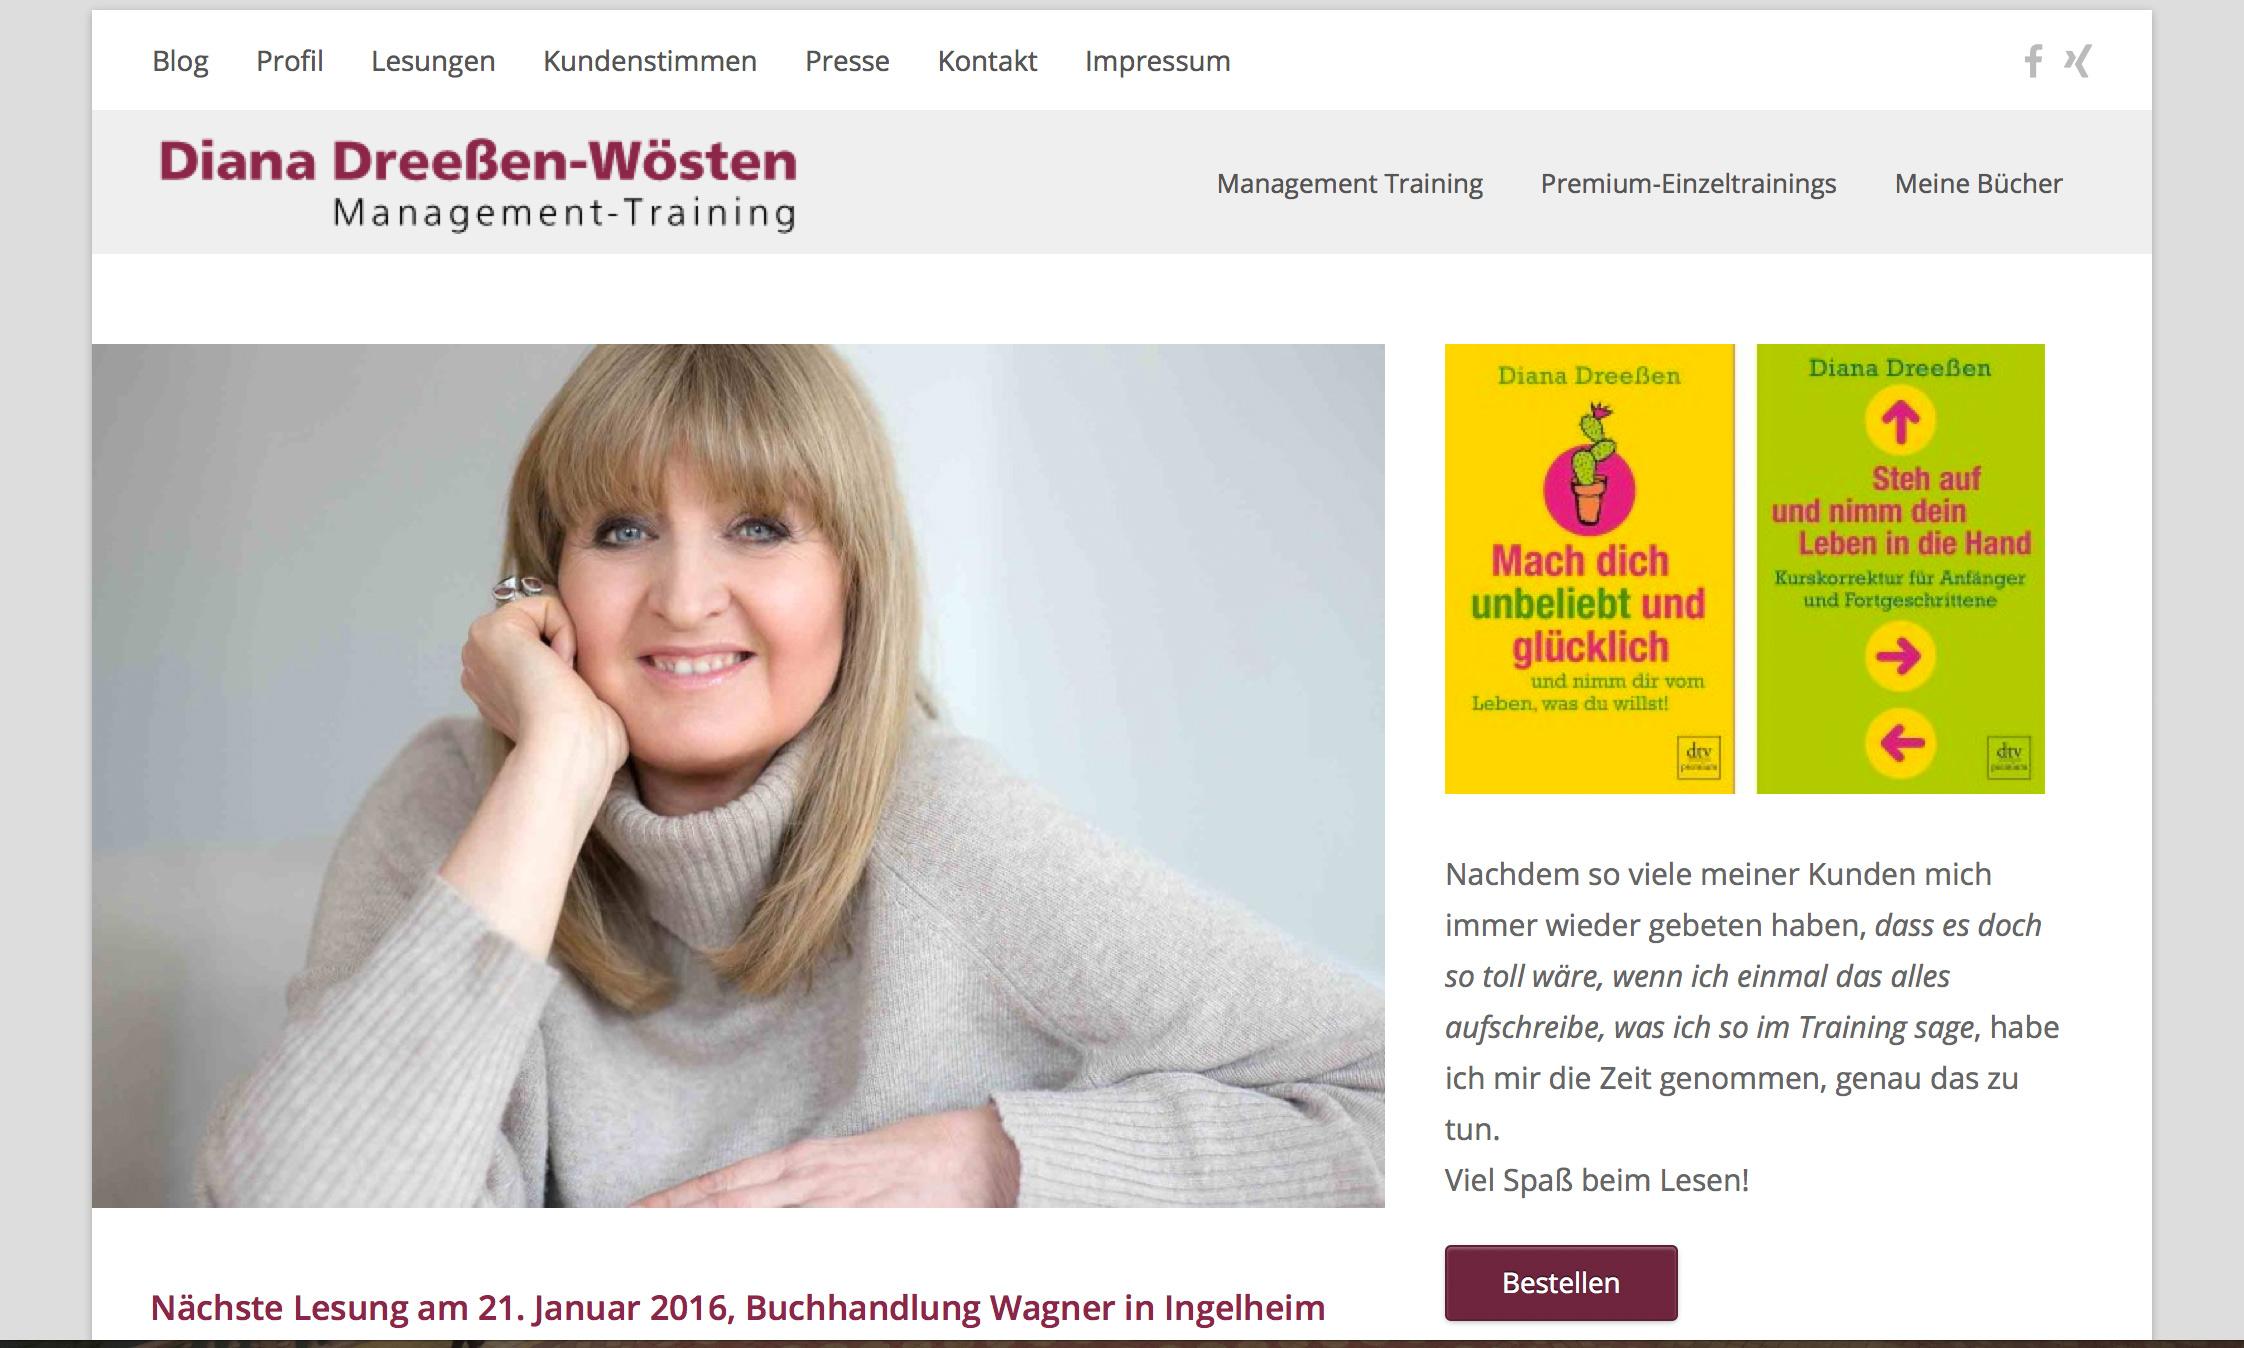 Diana Dreeßen-Wösten, Managementtrainerin